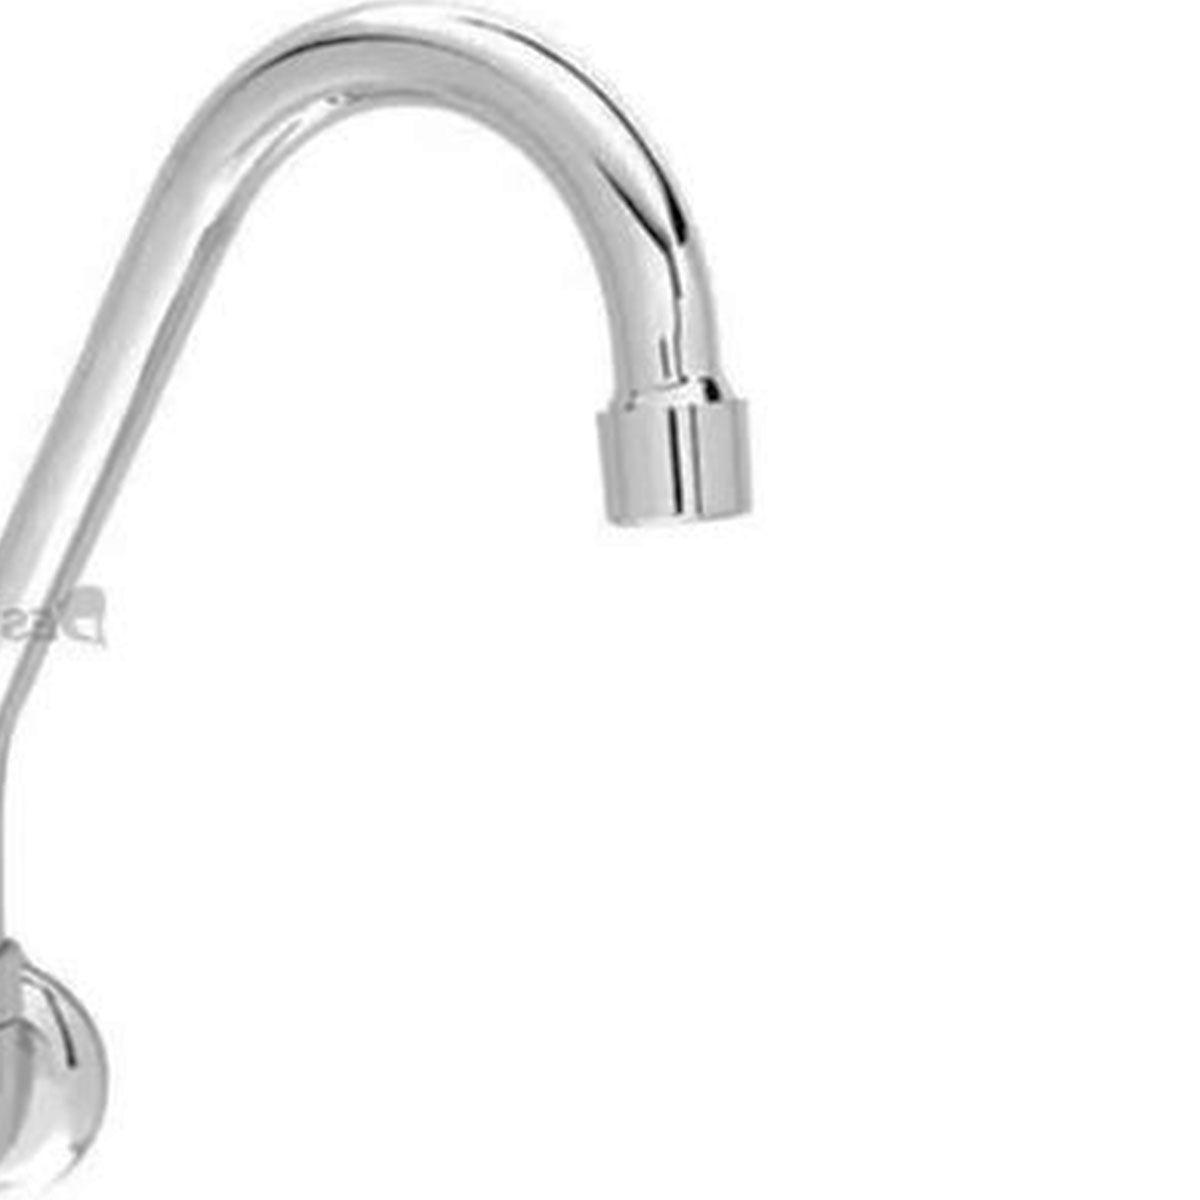 Torneira Lavatório Banheiro Bica Móvel Luxo Metal Cromado